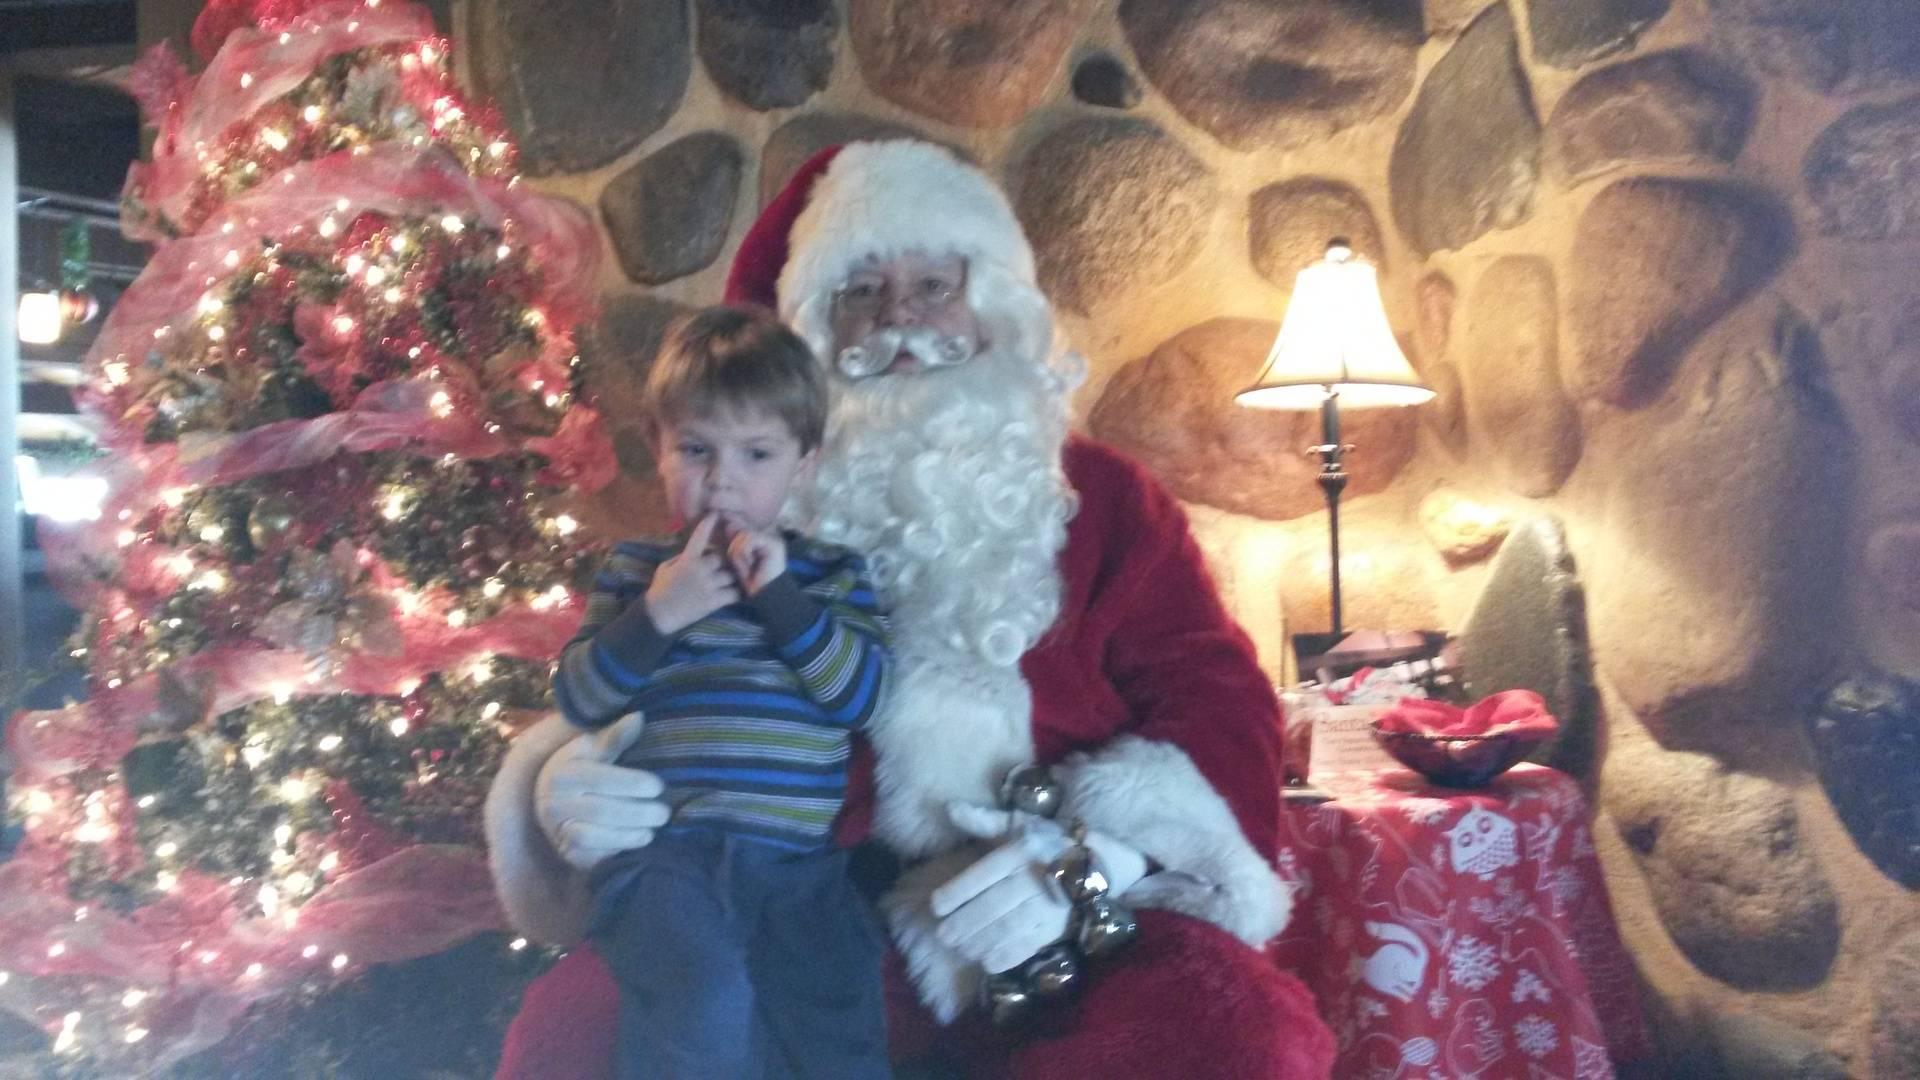 Sunday Brunch with Santa at Lake Lawn Resort